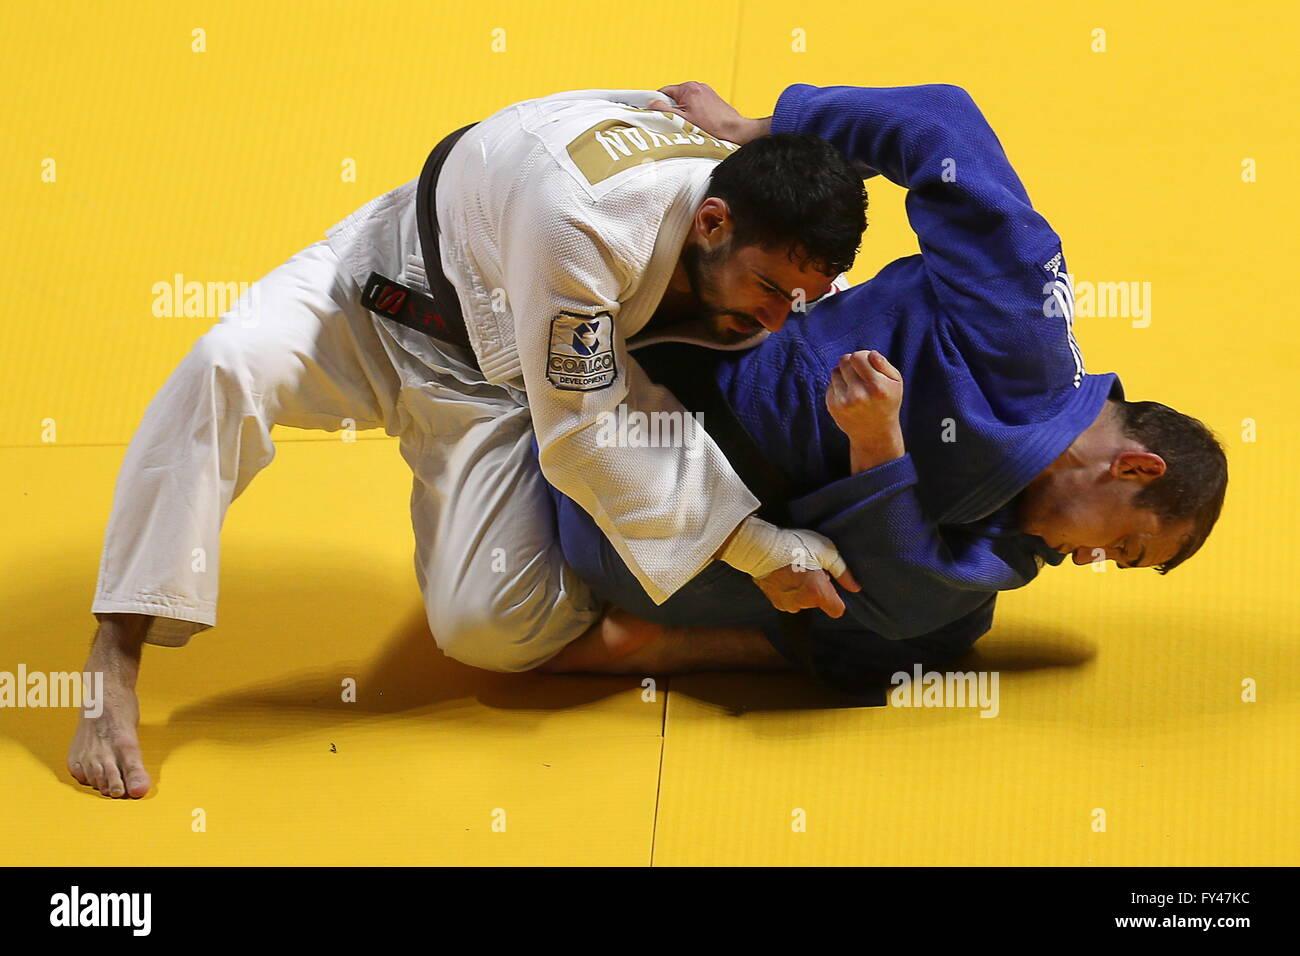 Kazan, Russland. 21. April 2016. Russische Judoka Arsen Galstyan (L) und ukrainischen Judoka Gevorg Khachatrian Stockbild